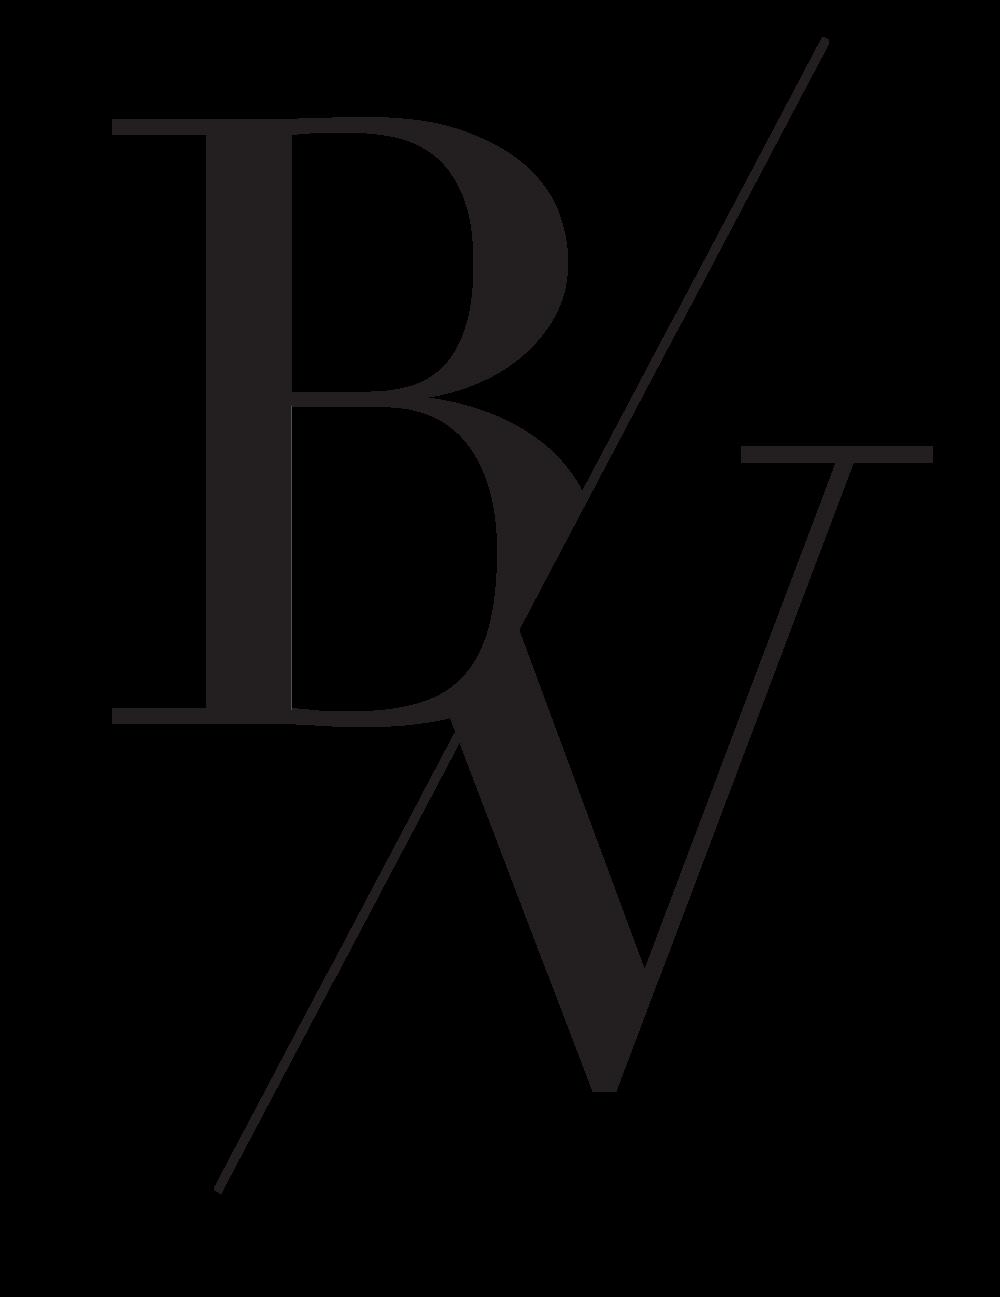 BV web sub logo.png